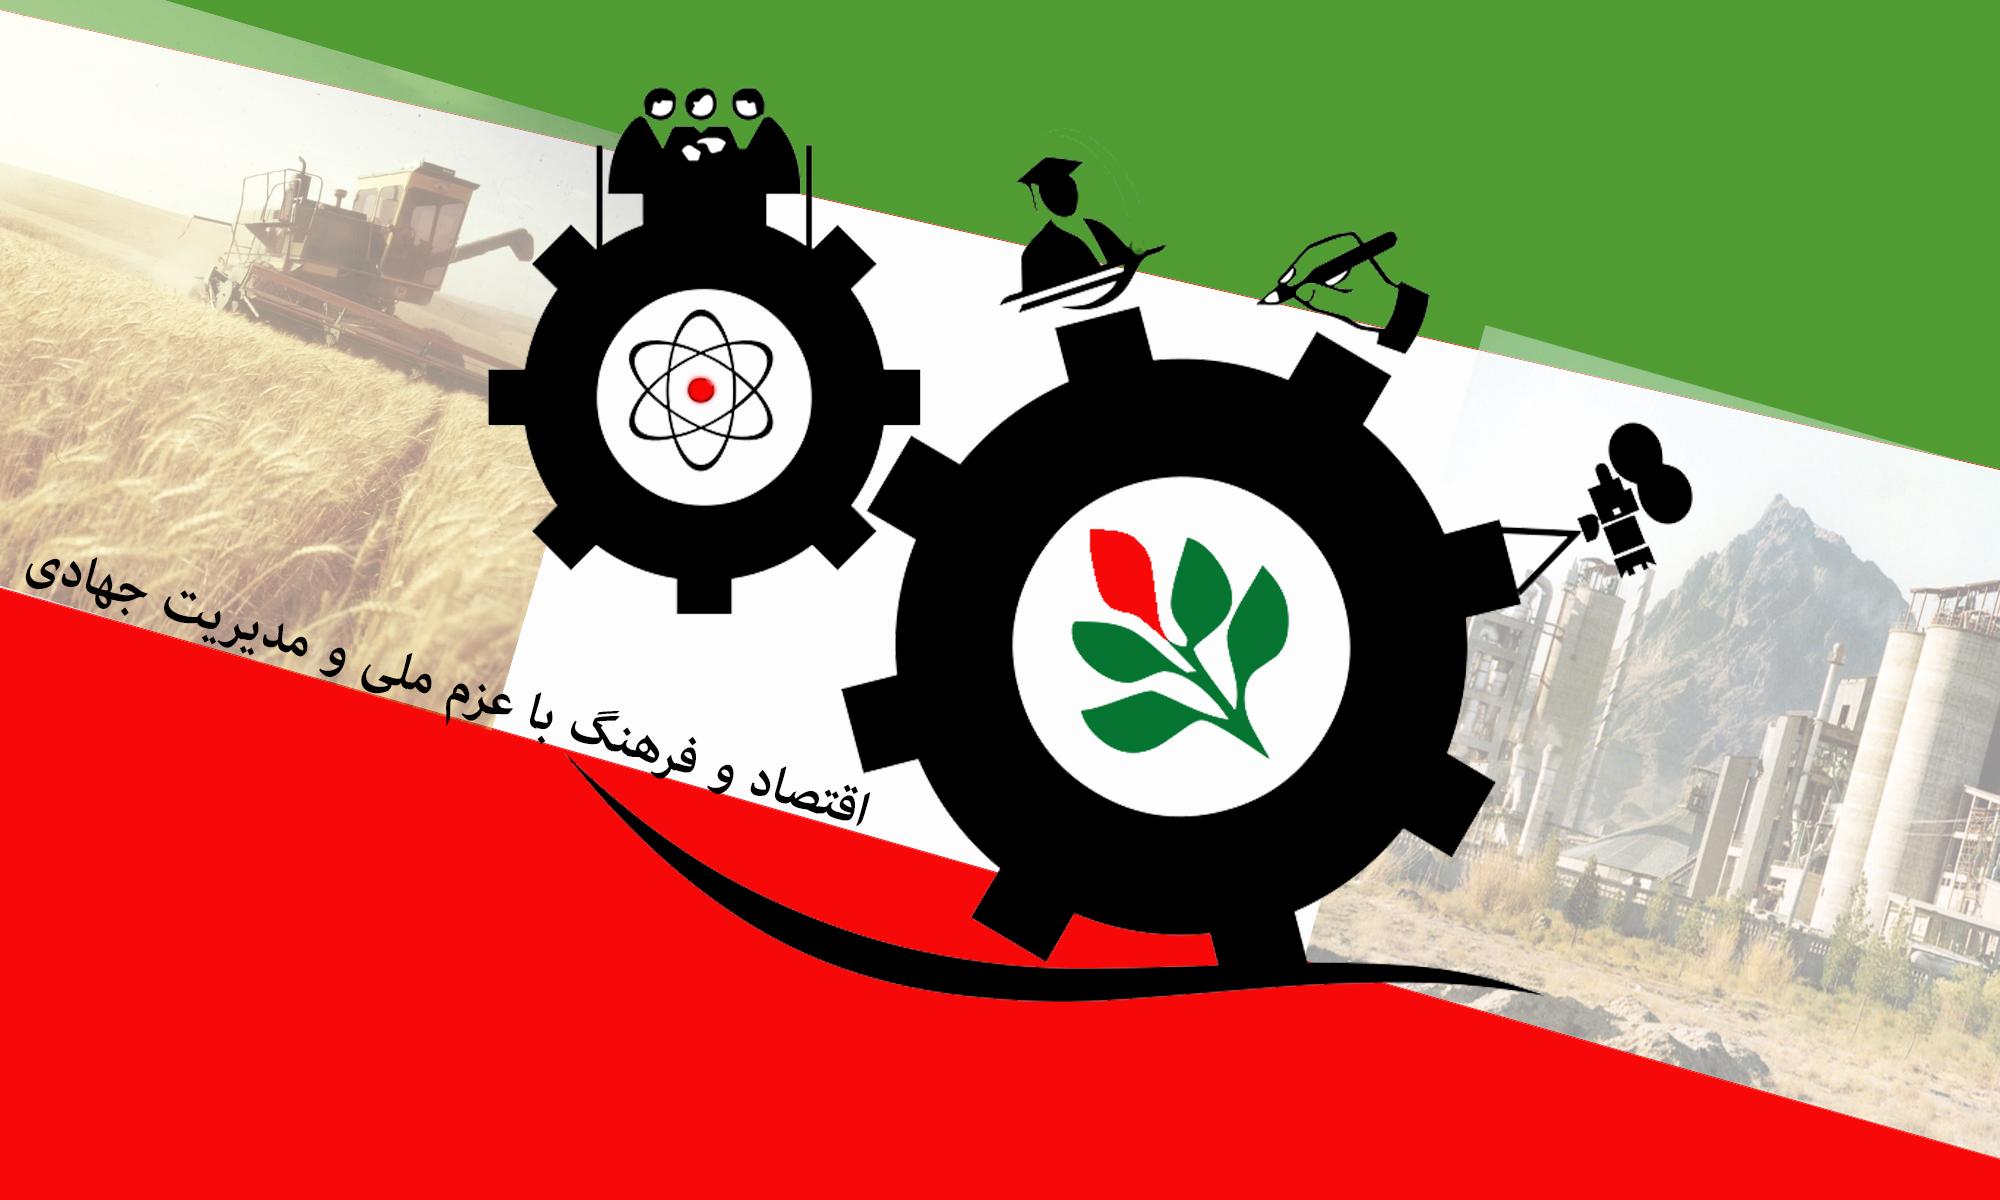 http://ghasam.ir/hamzeh/images/upfiles/20140401/namgozari1.jpg